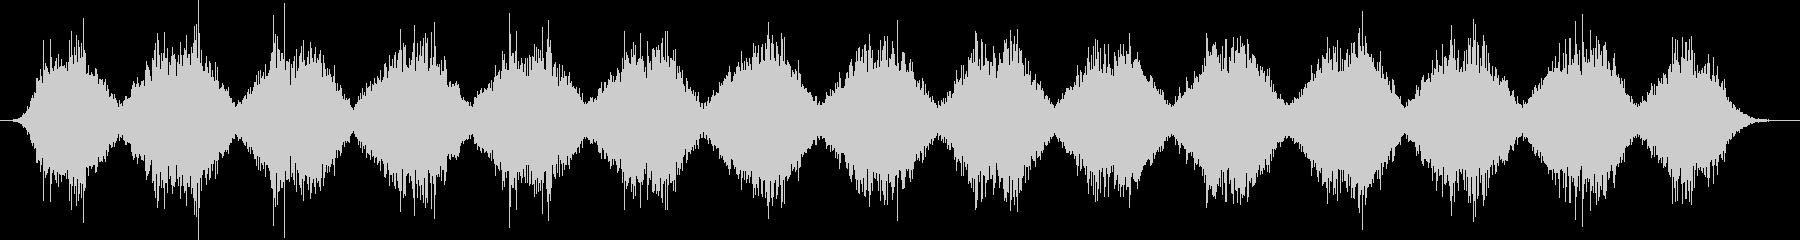 スローシューイングパンジャイロ、コ...の未再生の波形